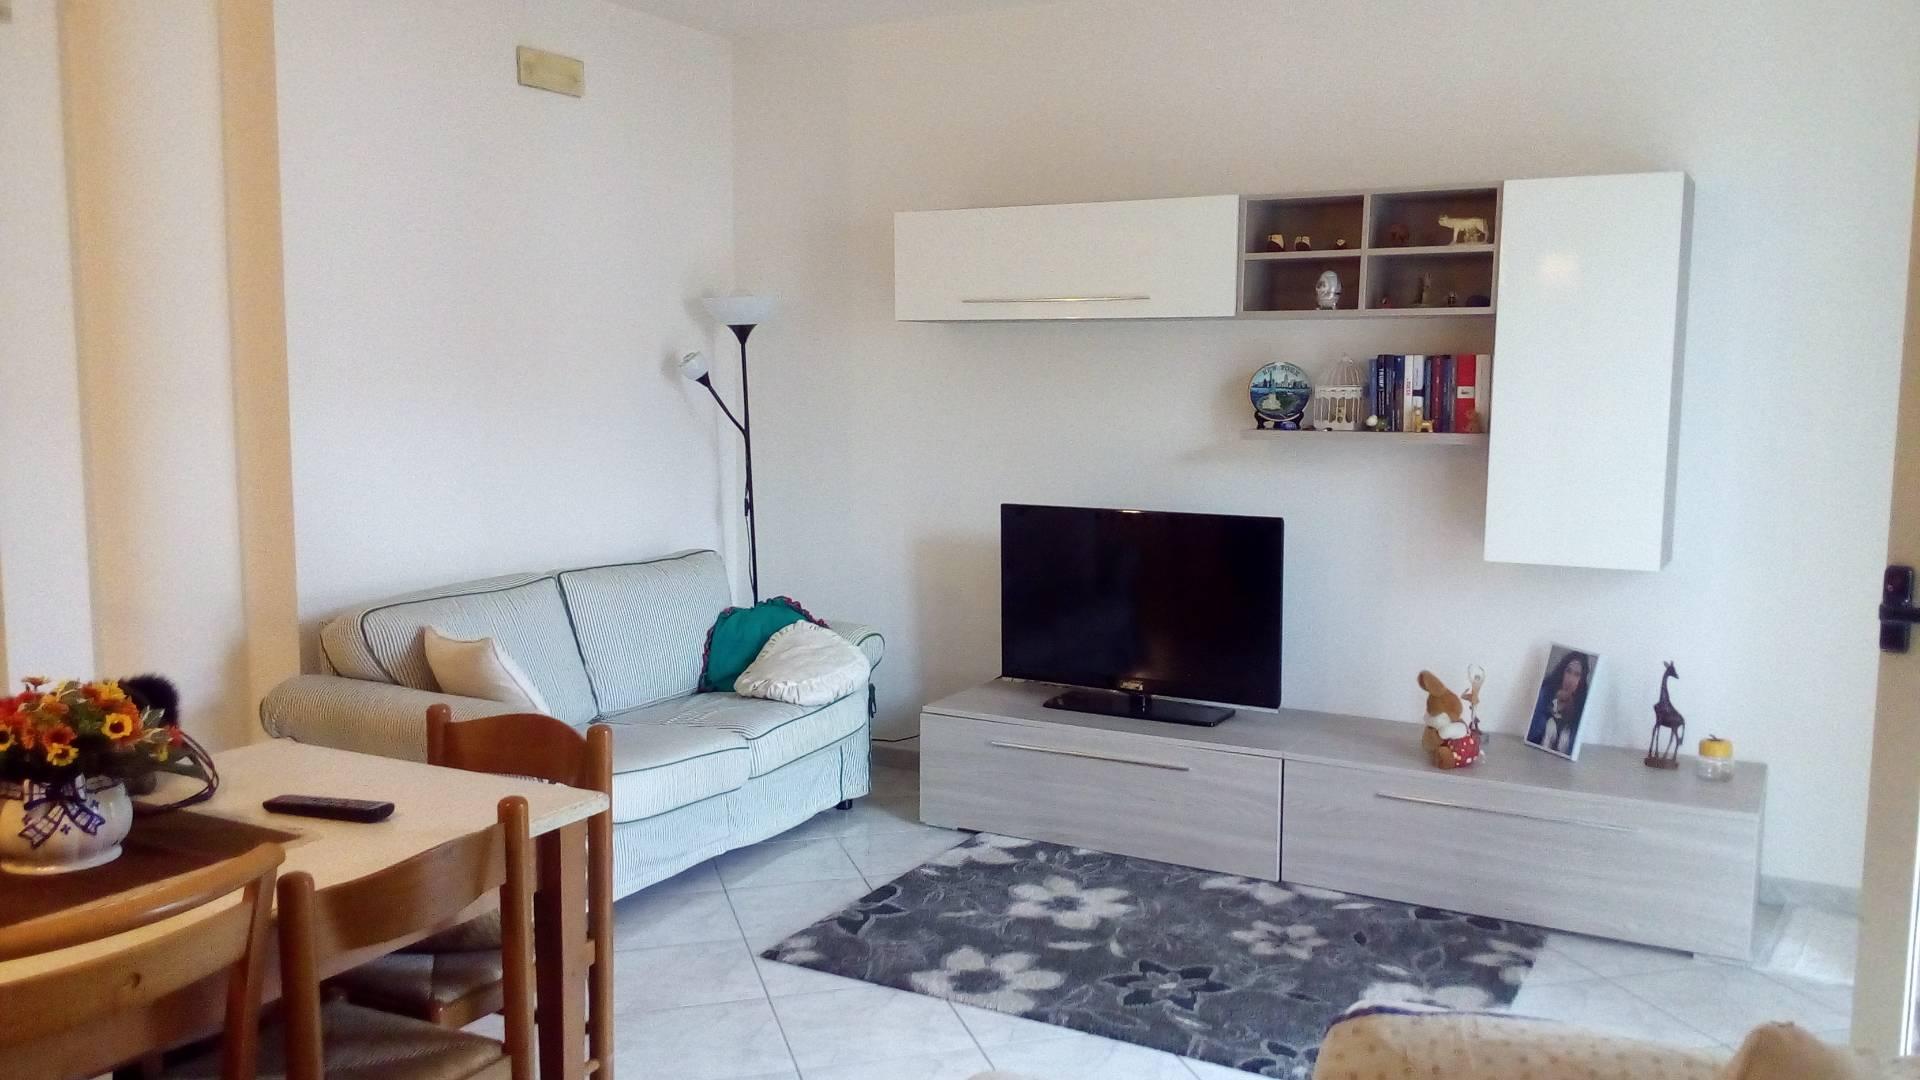 Appartamento in affitto a Folignano, 4 locali, zona Località: PianediMorro, prezzo € 500 | CambioCasa.it